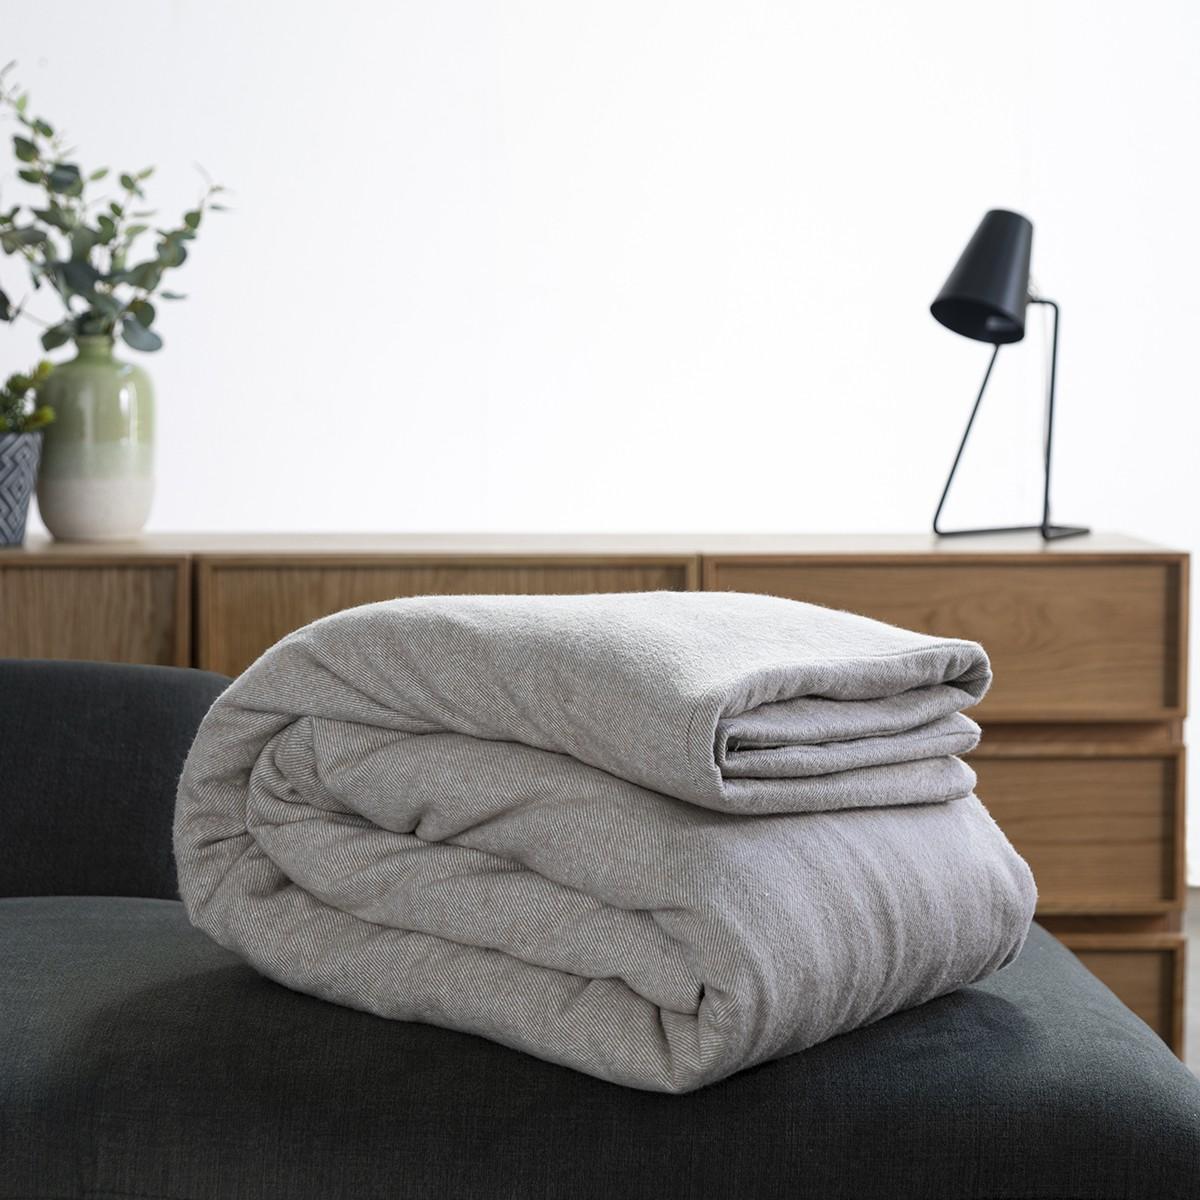 L'innovazione nella sleep economy italiana portata dalla coperta ponderata di HeyNight, mostrata piegata arrotolata su un letto. Fonte: HeyNight